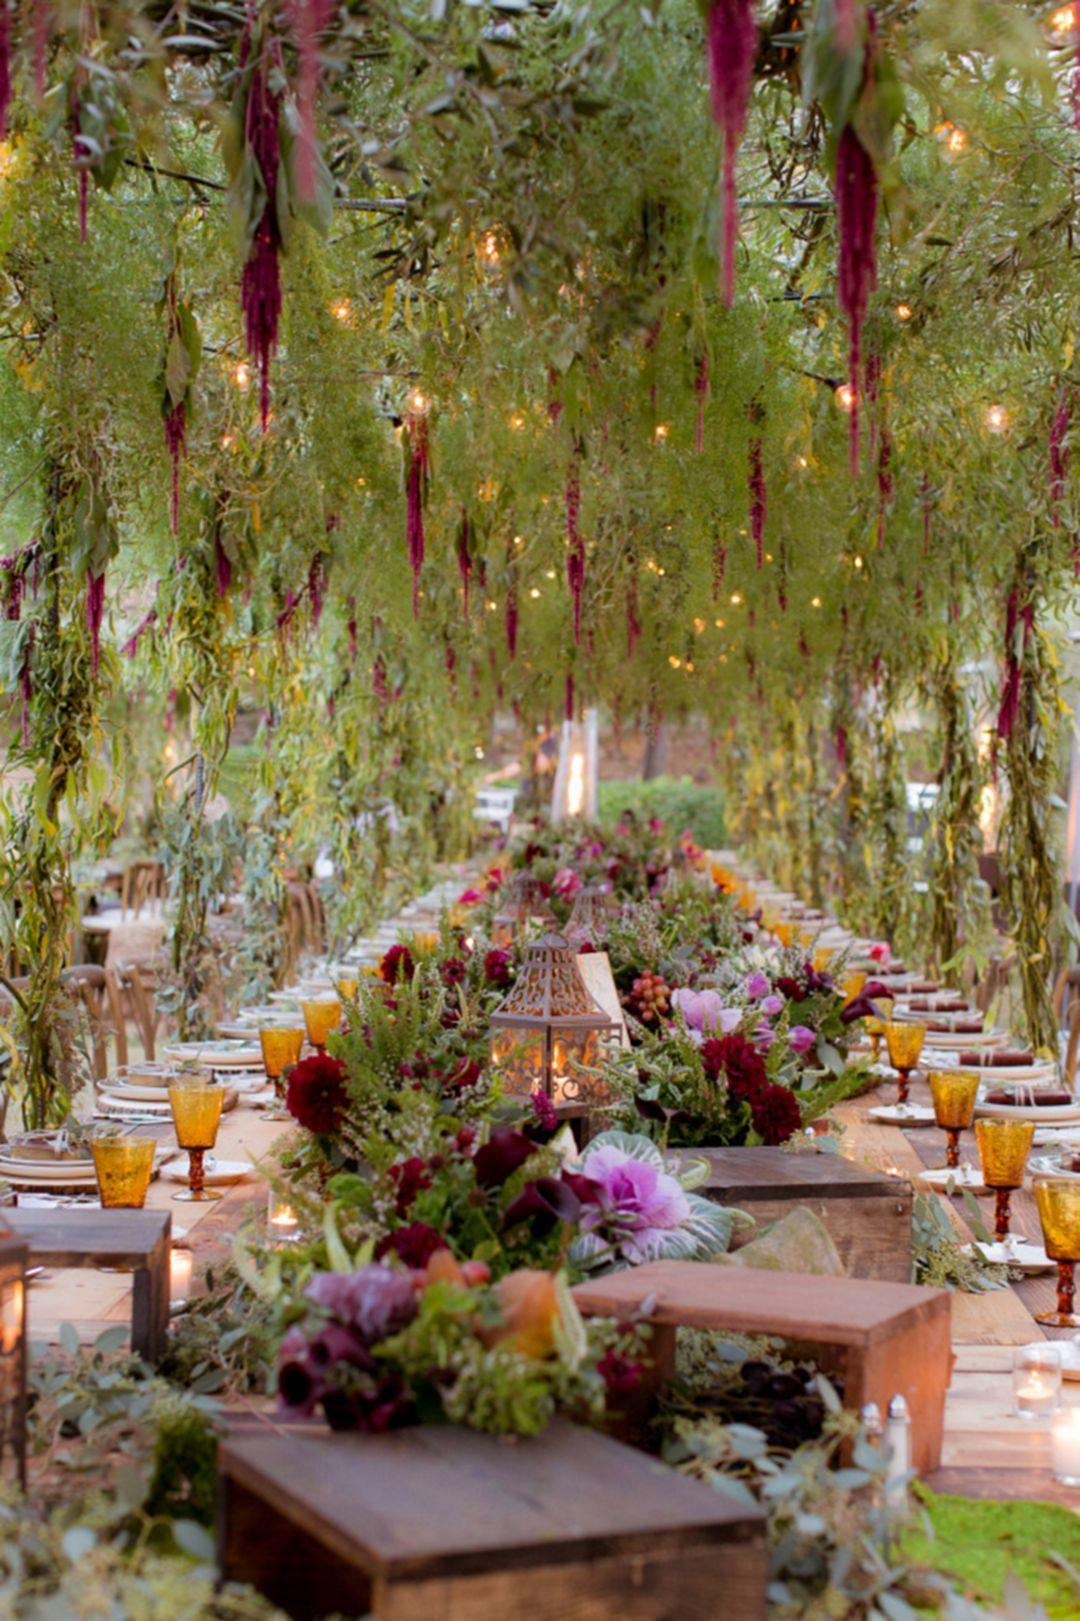 65 Awesome Wedding Venue Ideas For Fantastic Wedding ...